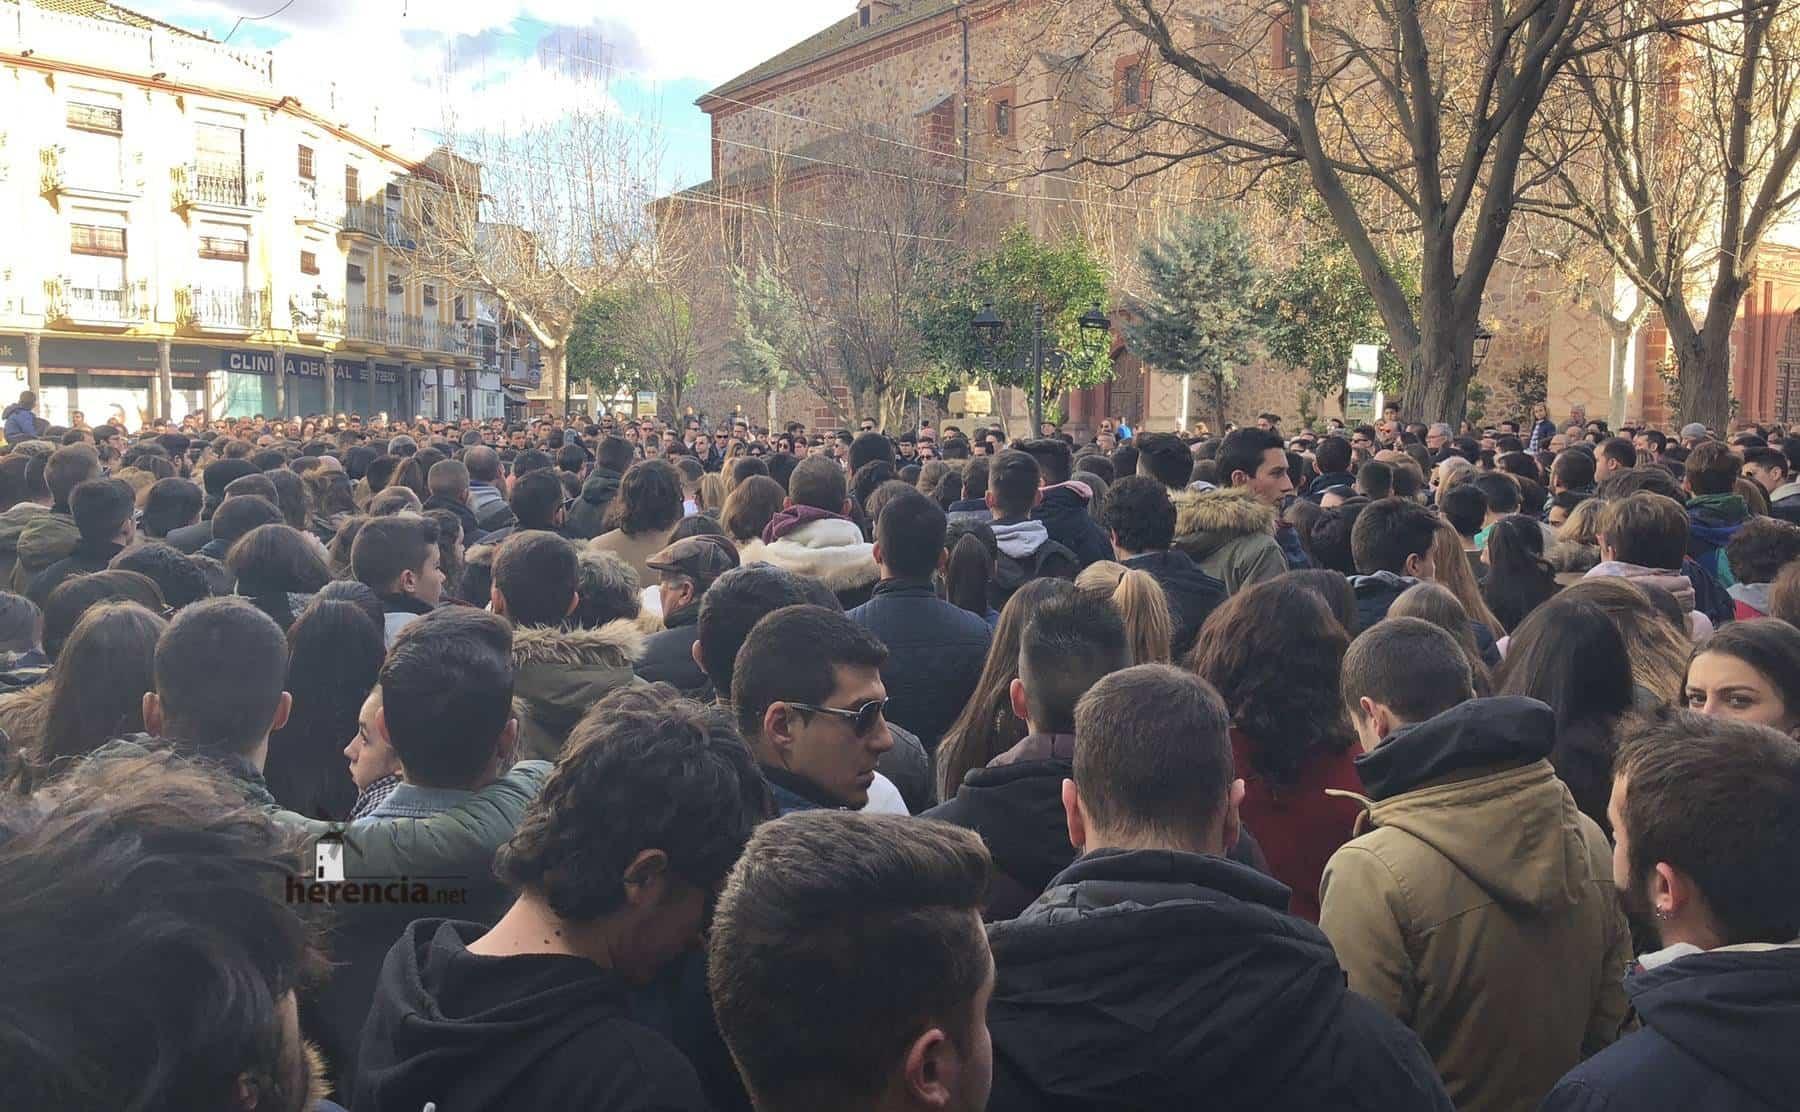 silencio contra violencia herencia 3 - Herencia muestra su condena a la violencia en la Plaza de España